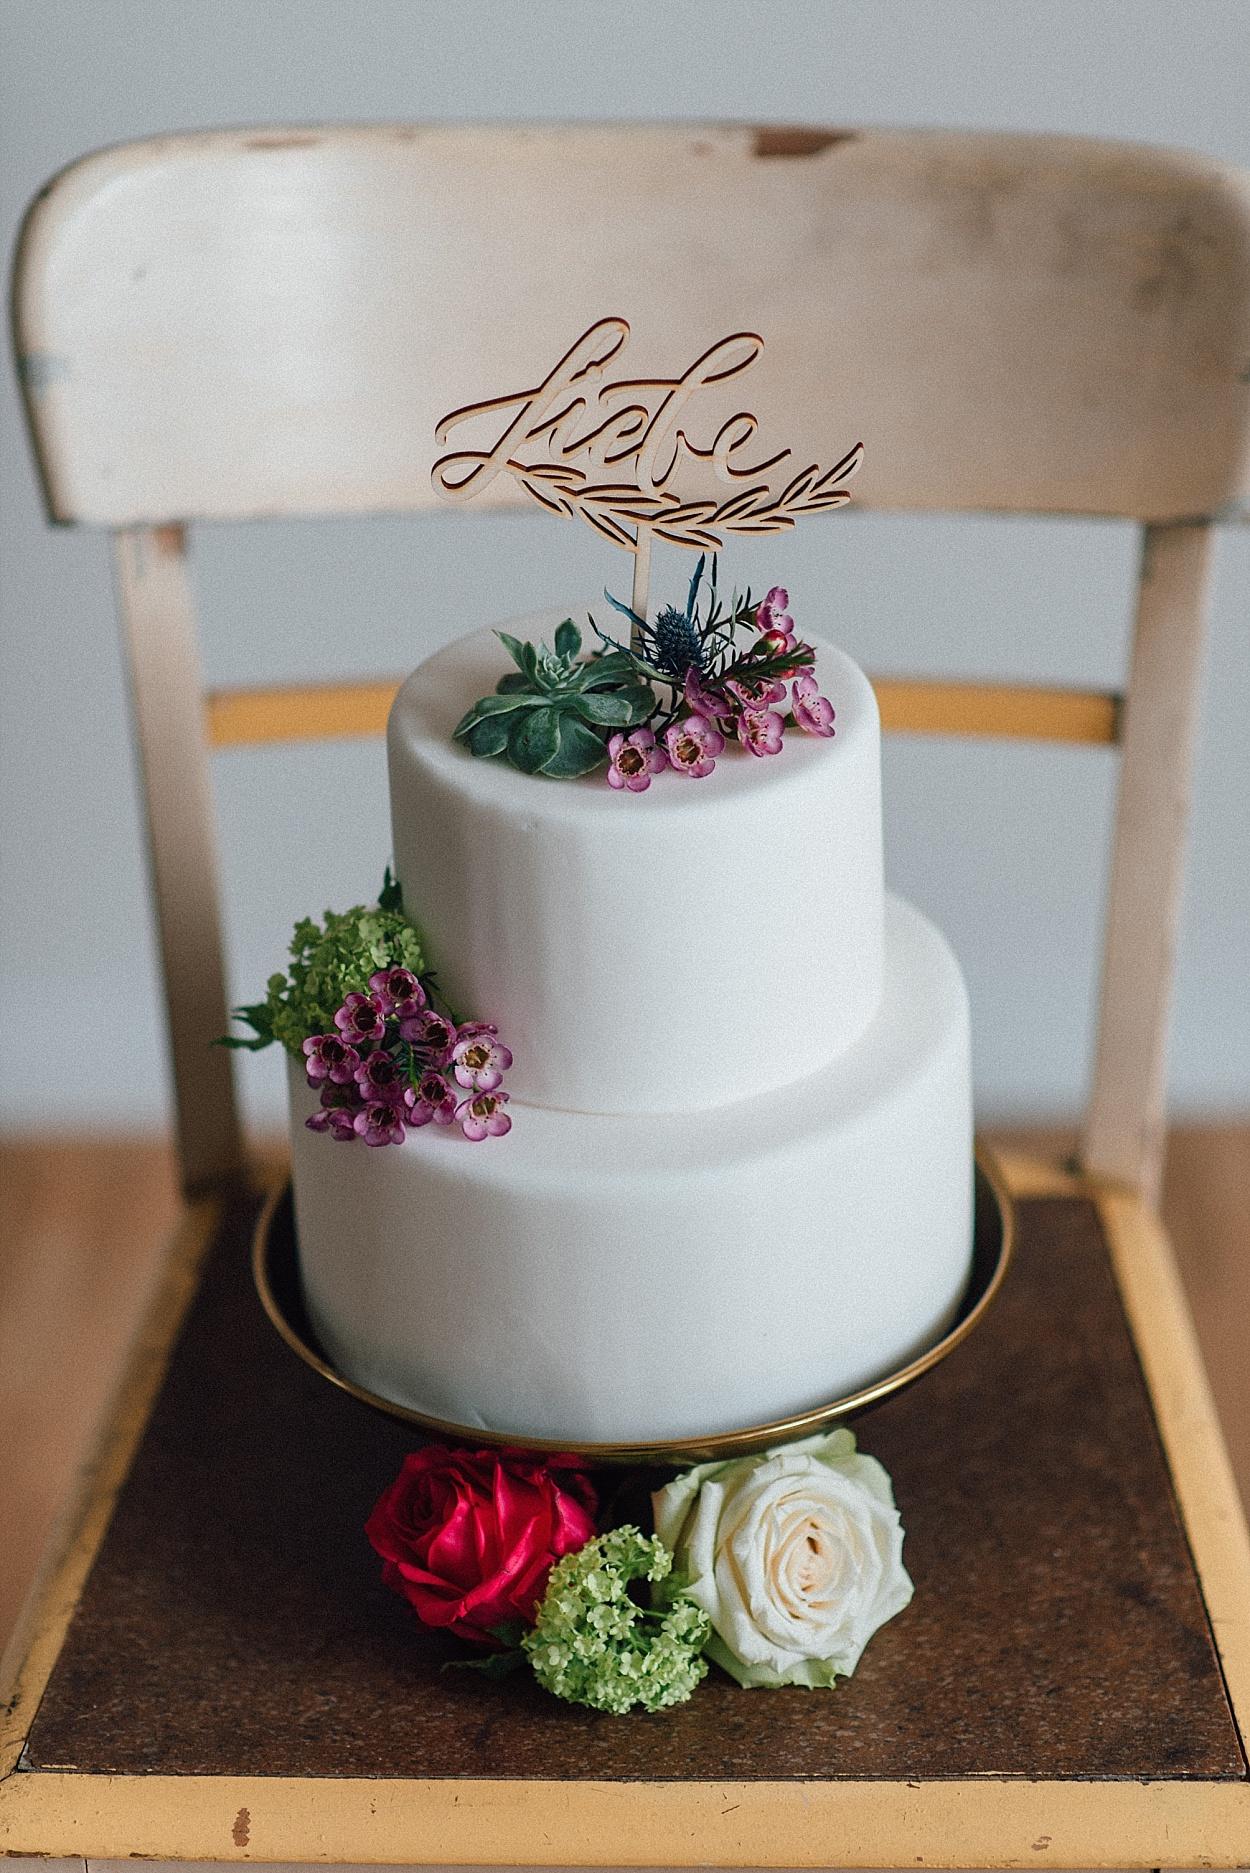 Cake Topper Liebe Schriftzug